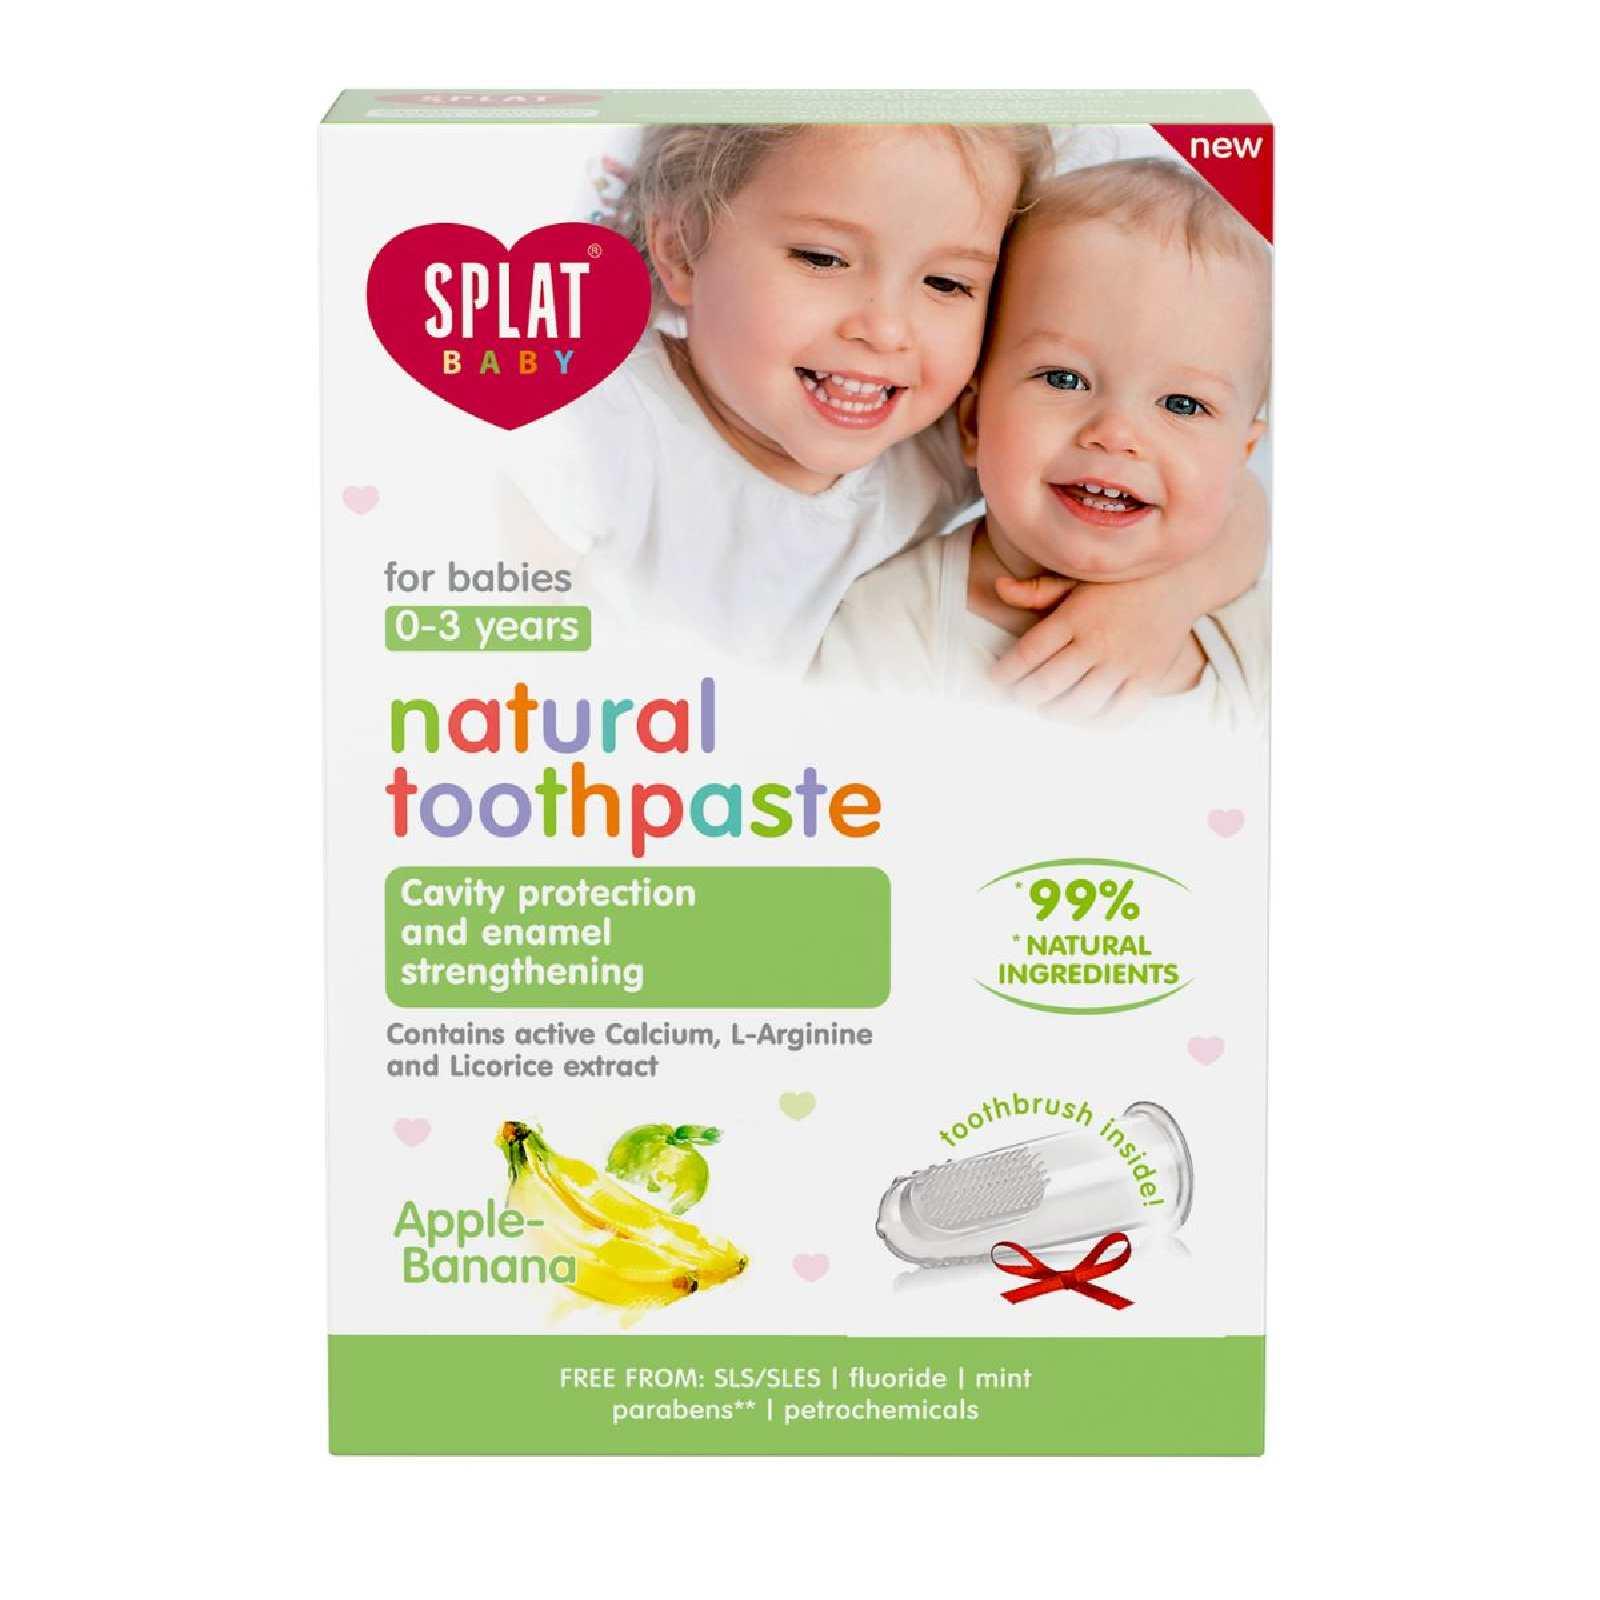 dentifricio bambini baby sicuro gusto